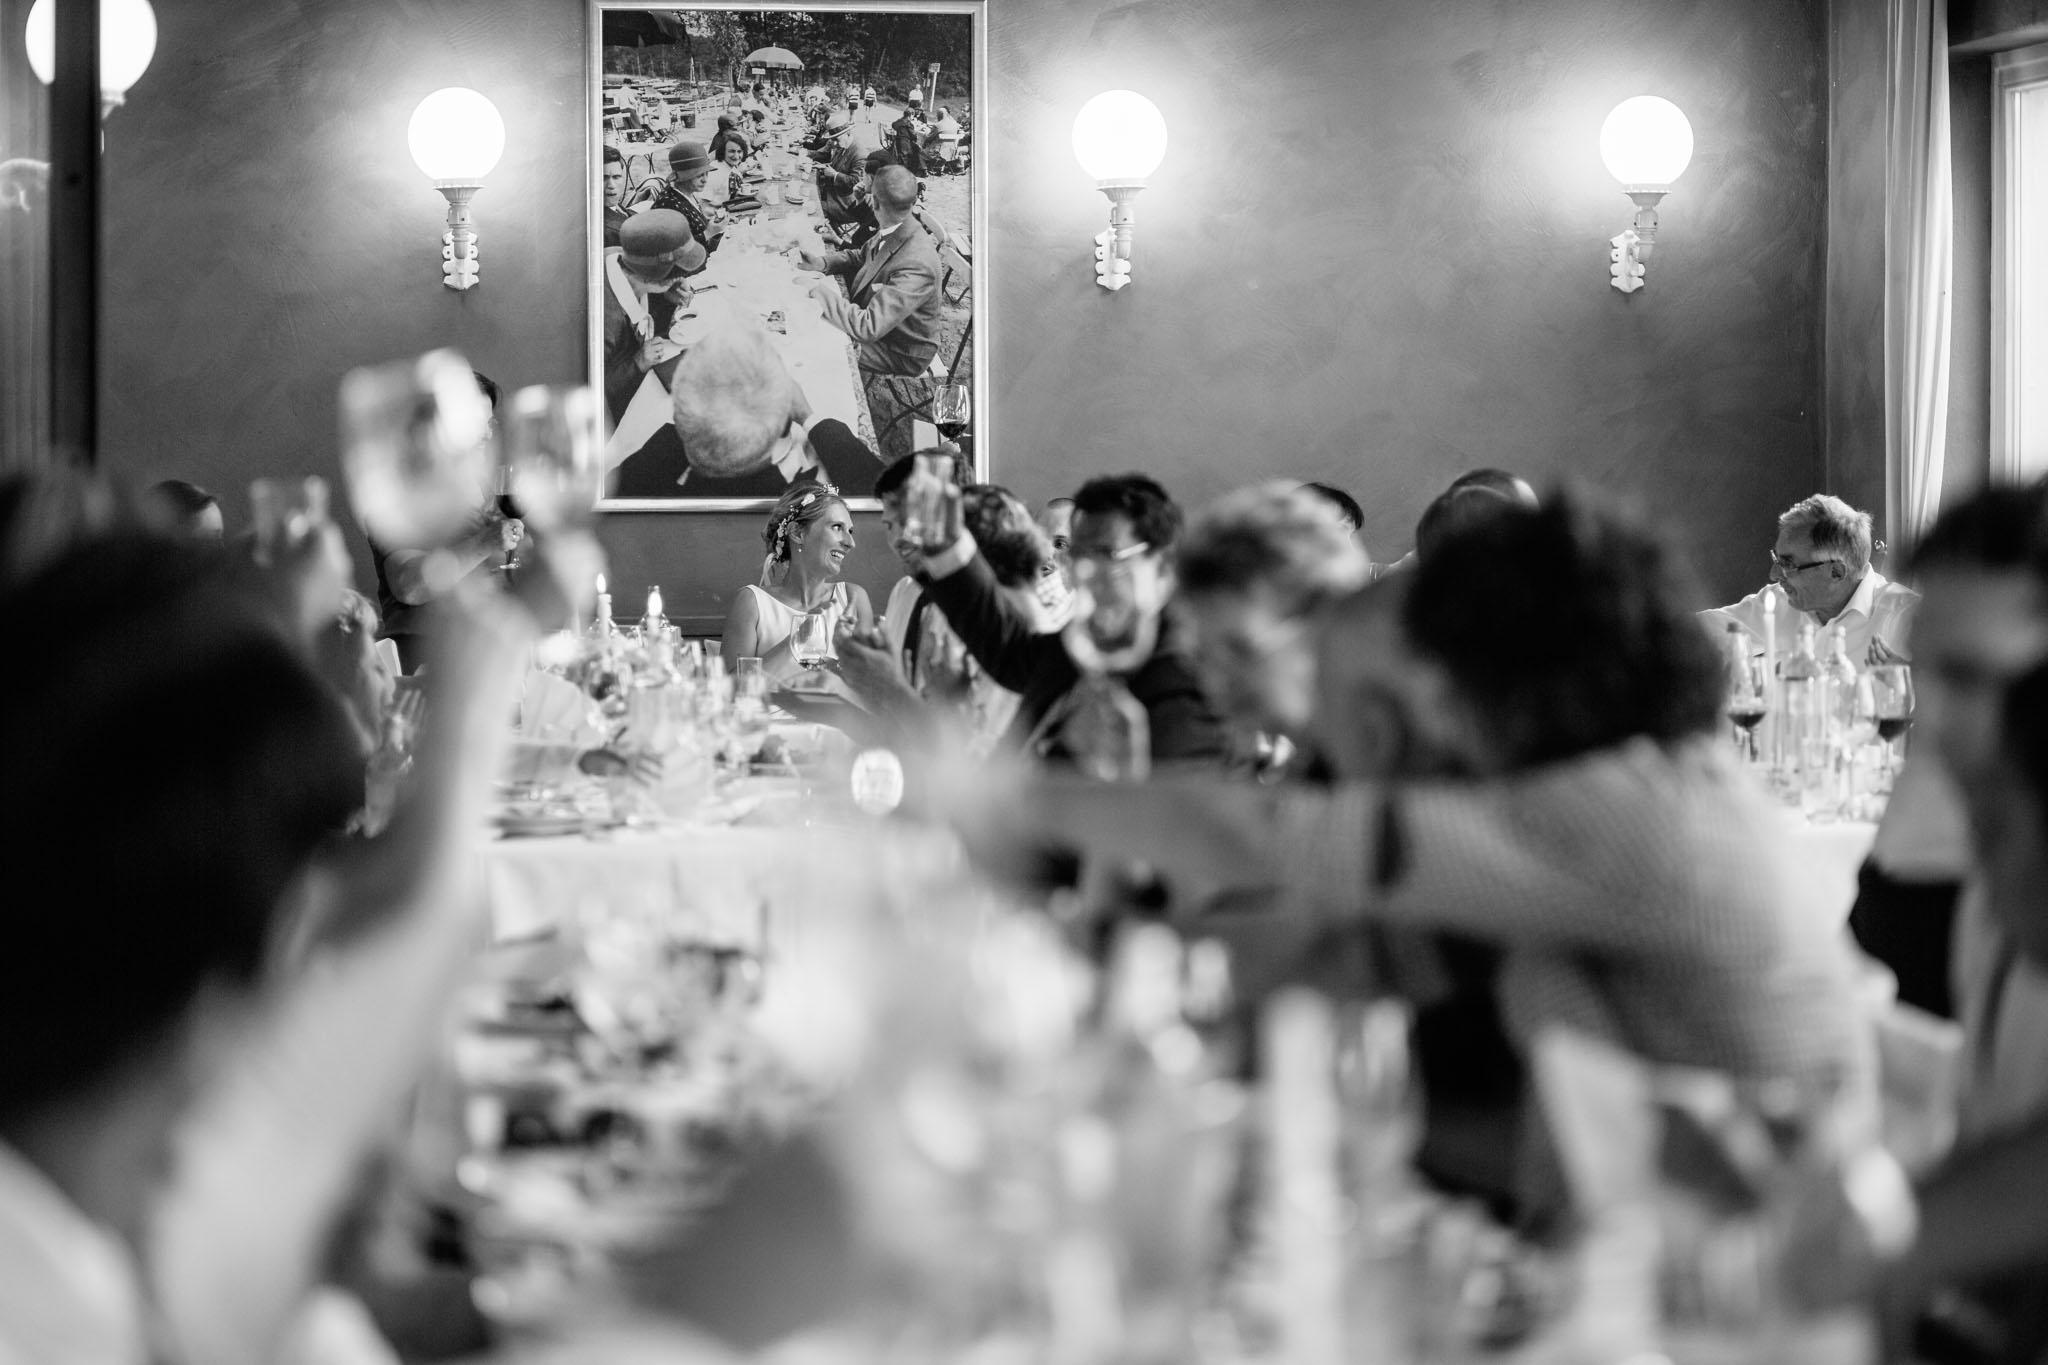 hochzeitsfeier-abendessen-fotograf-schwarzweiss-reden